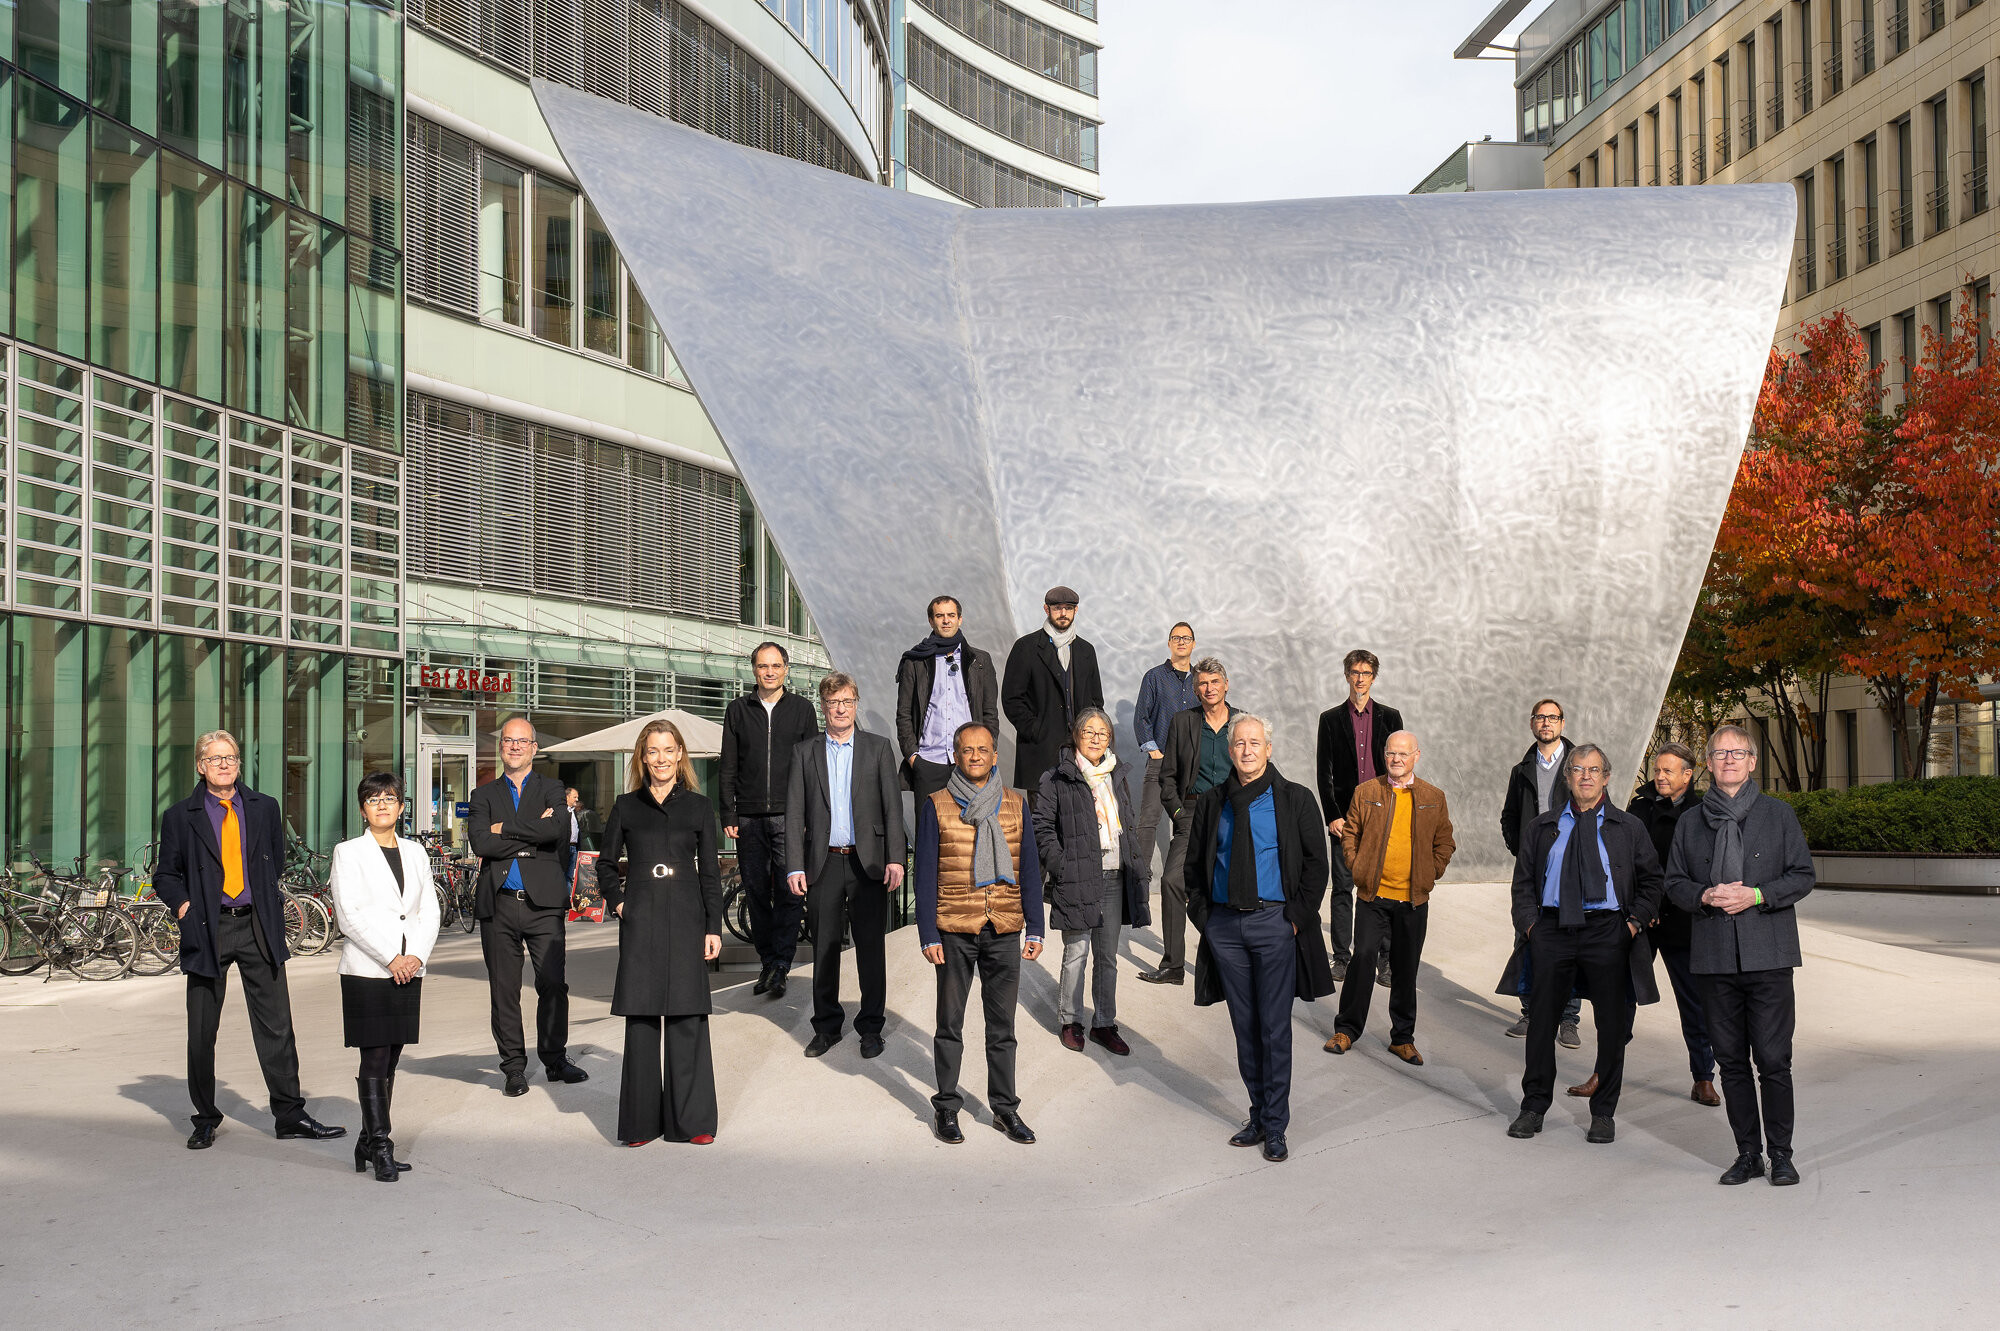 Seit seiner Gründung 1980 zählt das international besetzte Ensemble Modern (EM) zu den führenden Ensembles für Neue Musik.